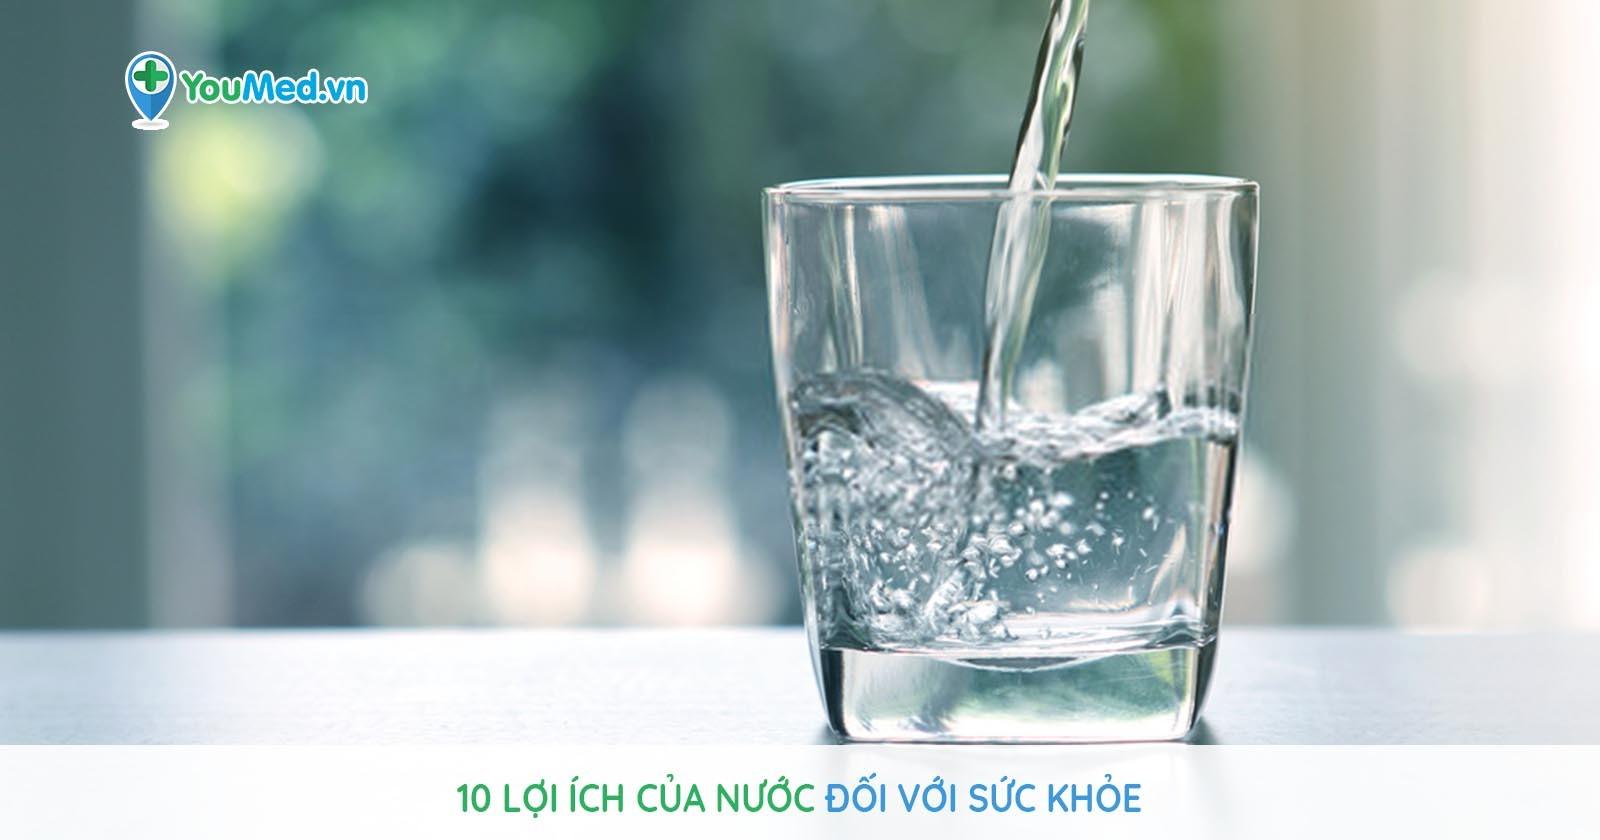 Bác sĩ chỉ ra 10 lợi ích của nước đối với sức khỏe